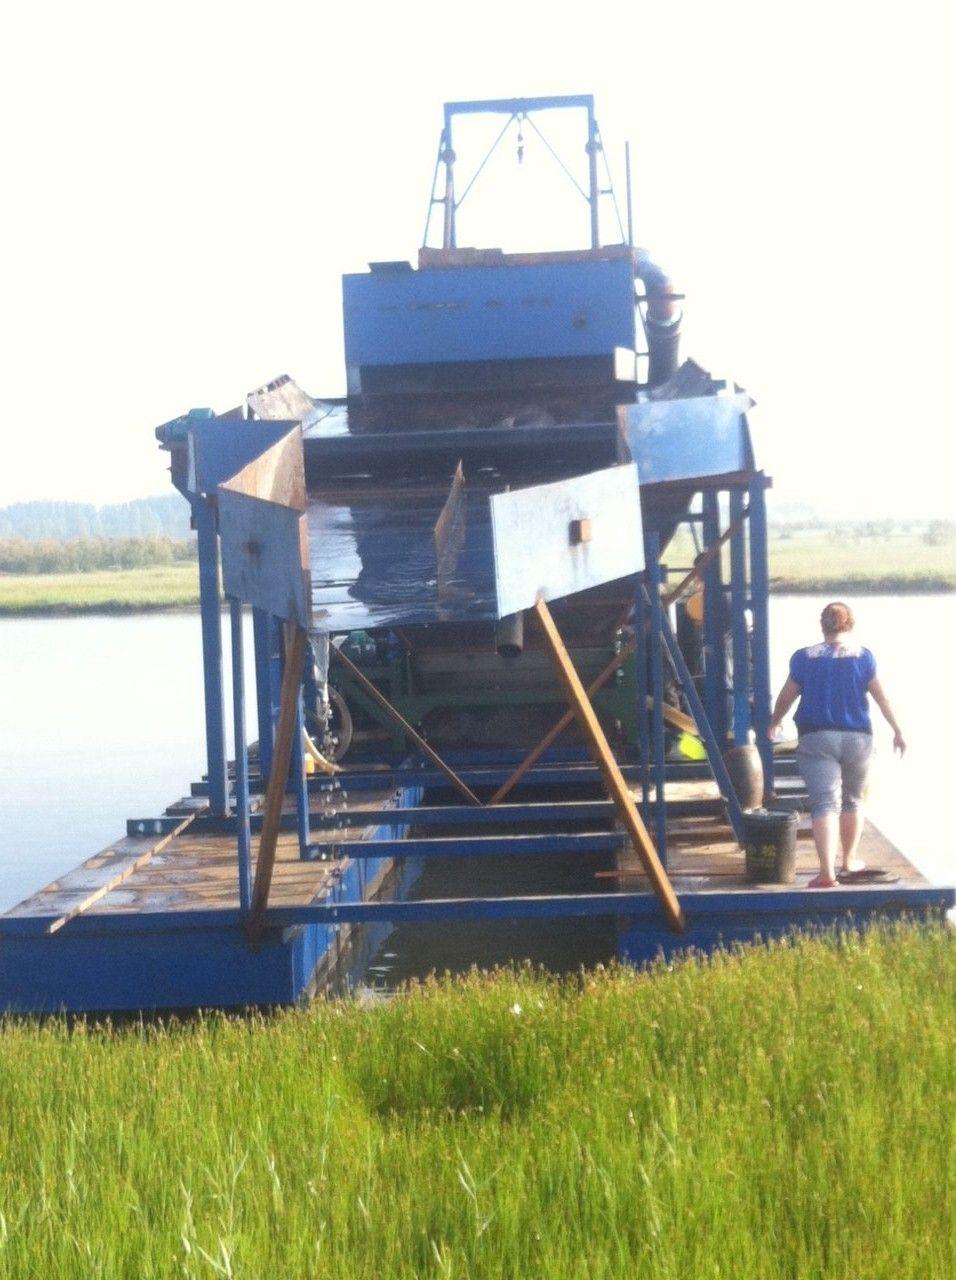 专业强磁板选铁船,强磁板吸铁船,吸铁船,选铁设备